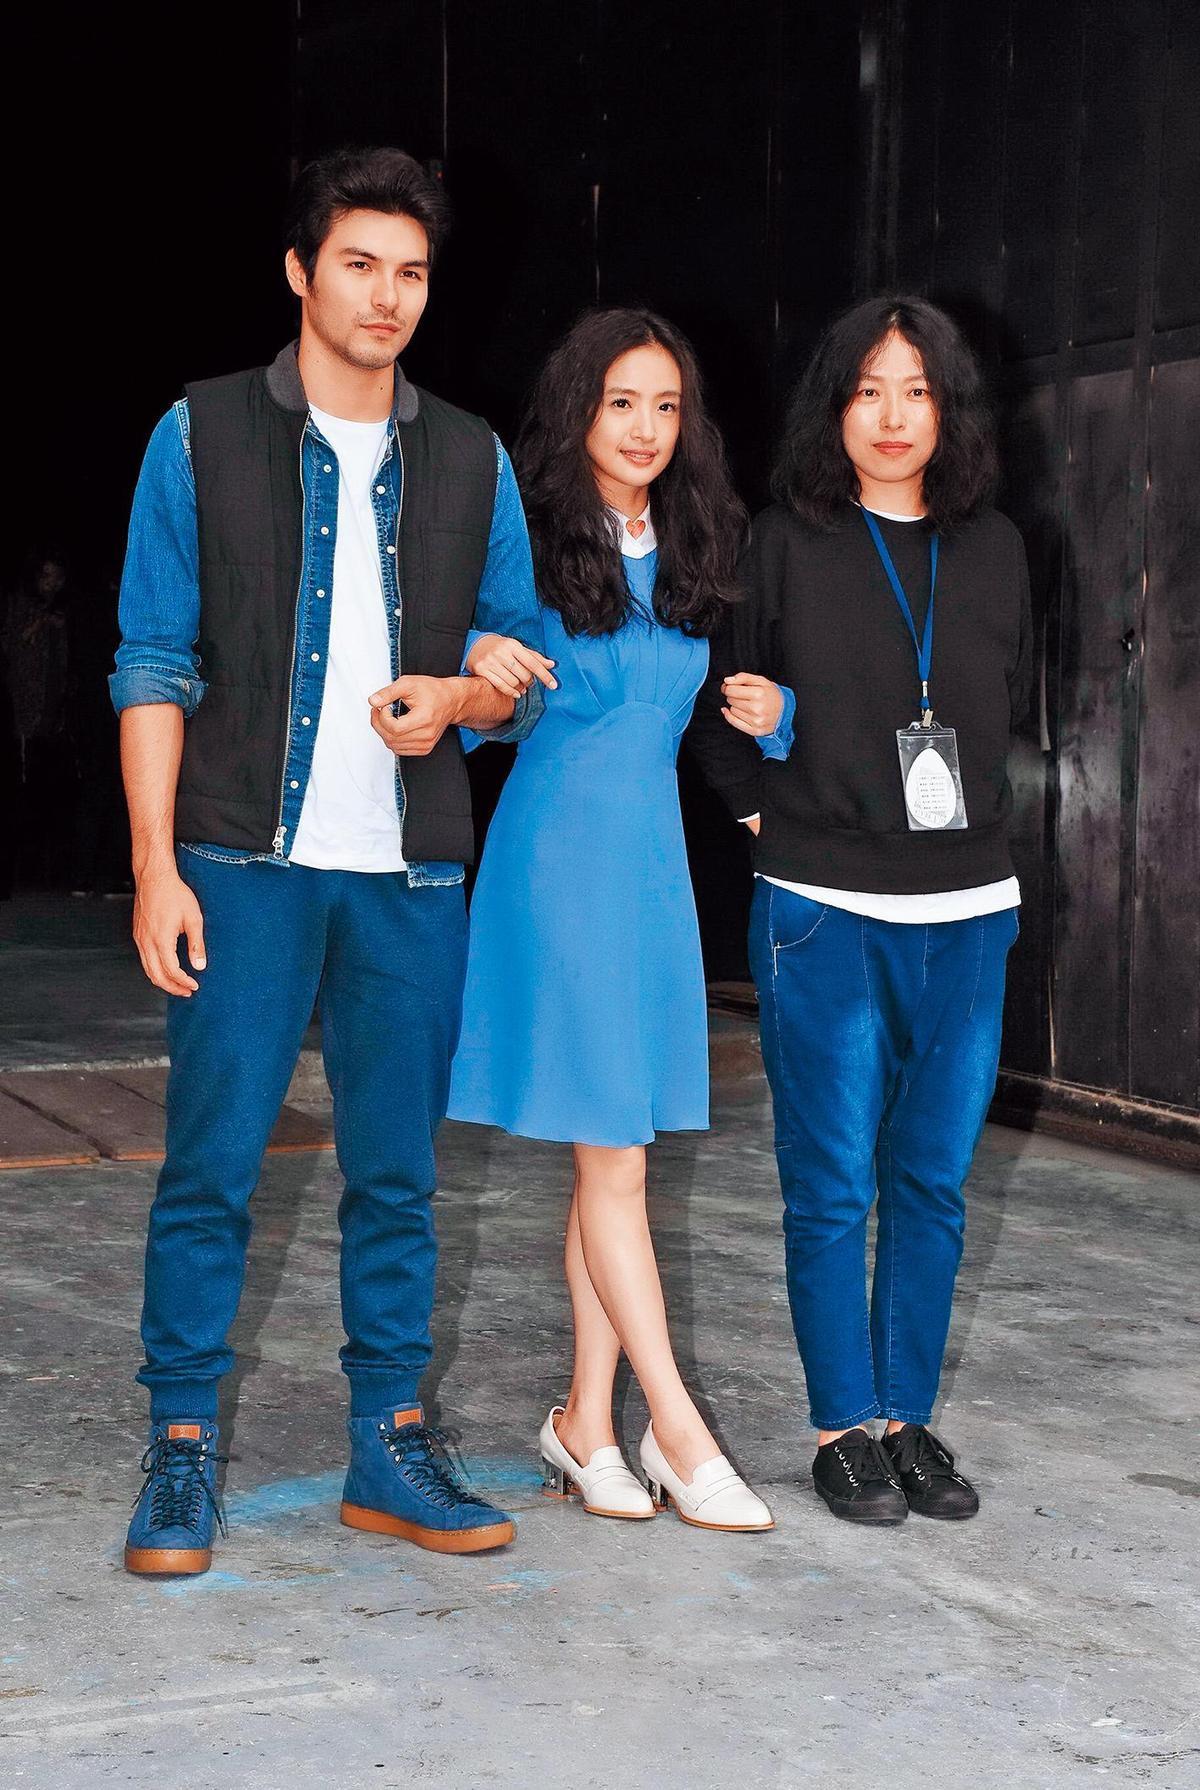 電影《我的蛋男情人》導演傅天余(右)將編導驚悚鬼片《濕身》。左起為鳳小岳、林依晨。(東方IC)